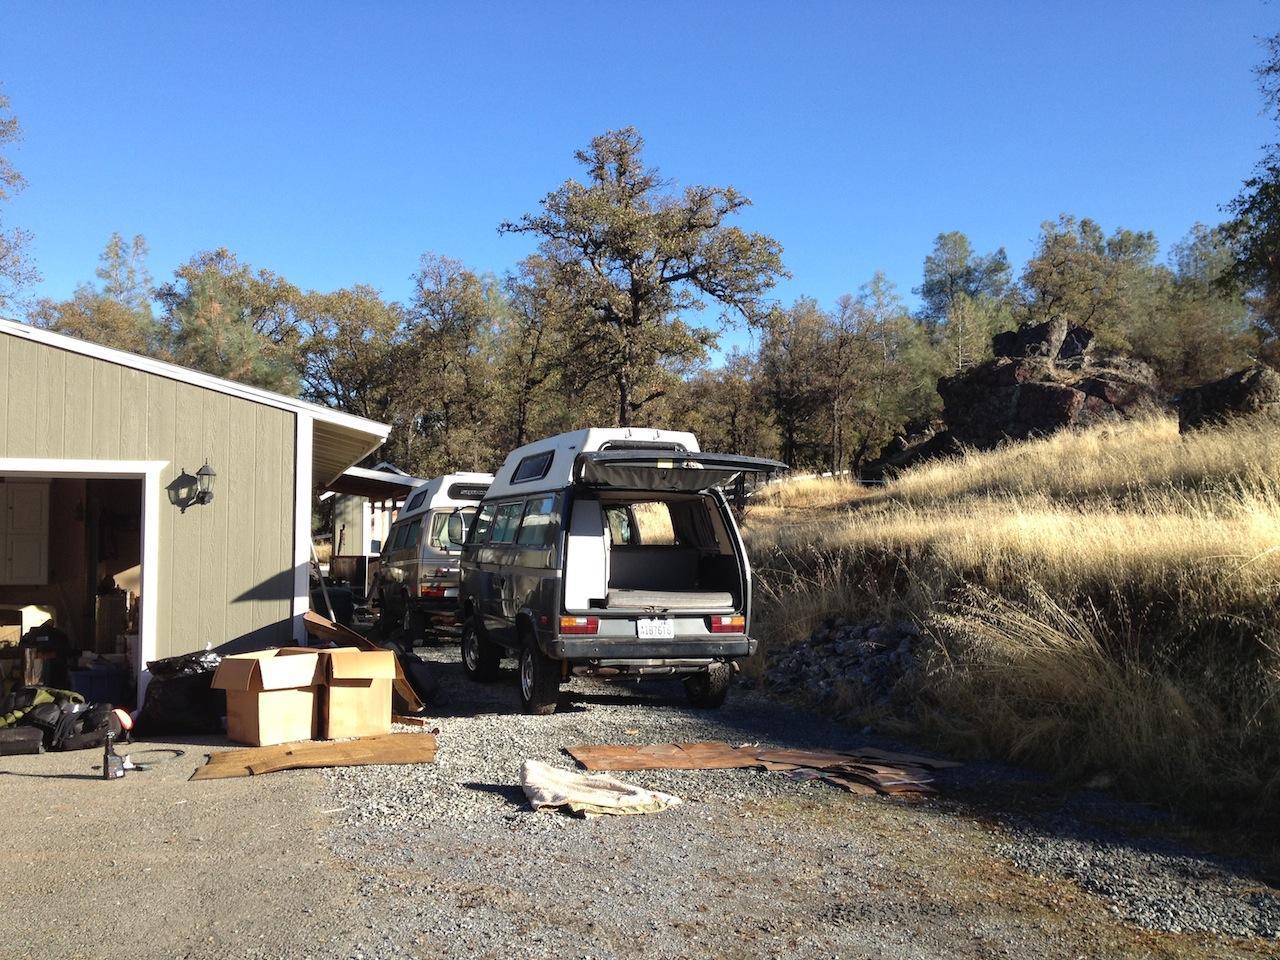 Westfalia camper kit installed in to a Adventurewagen